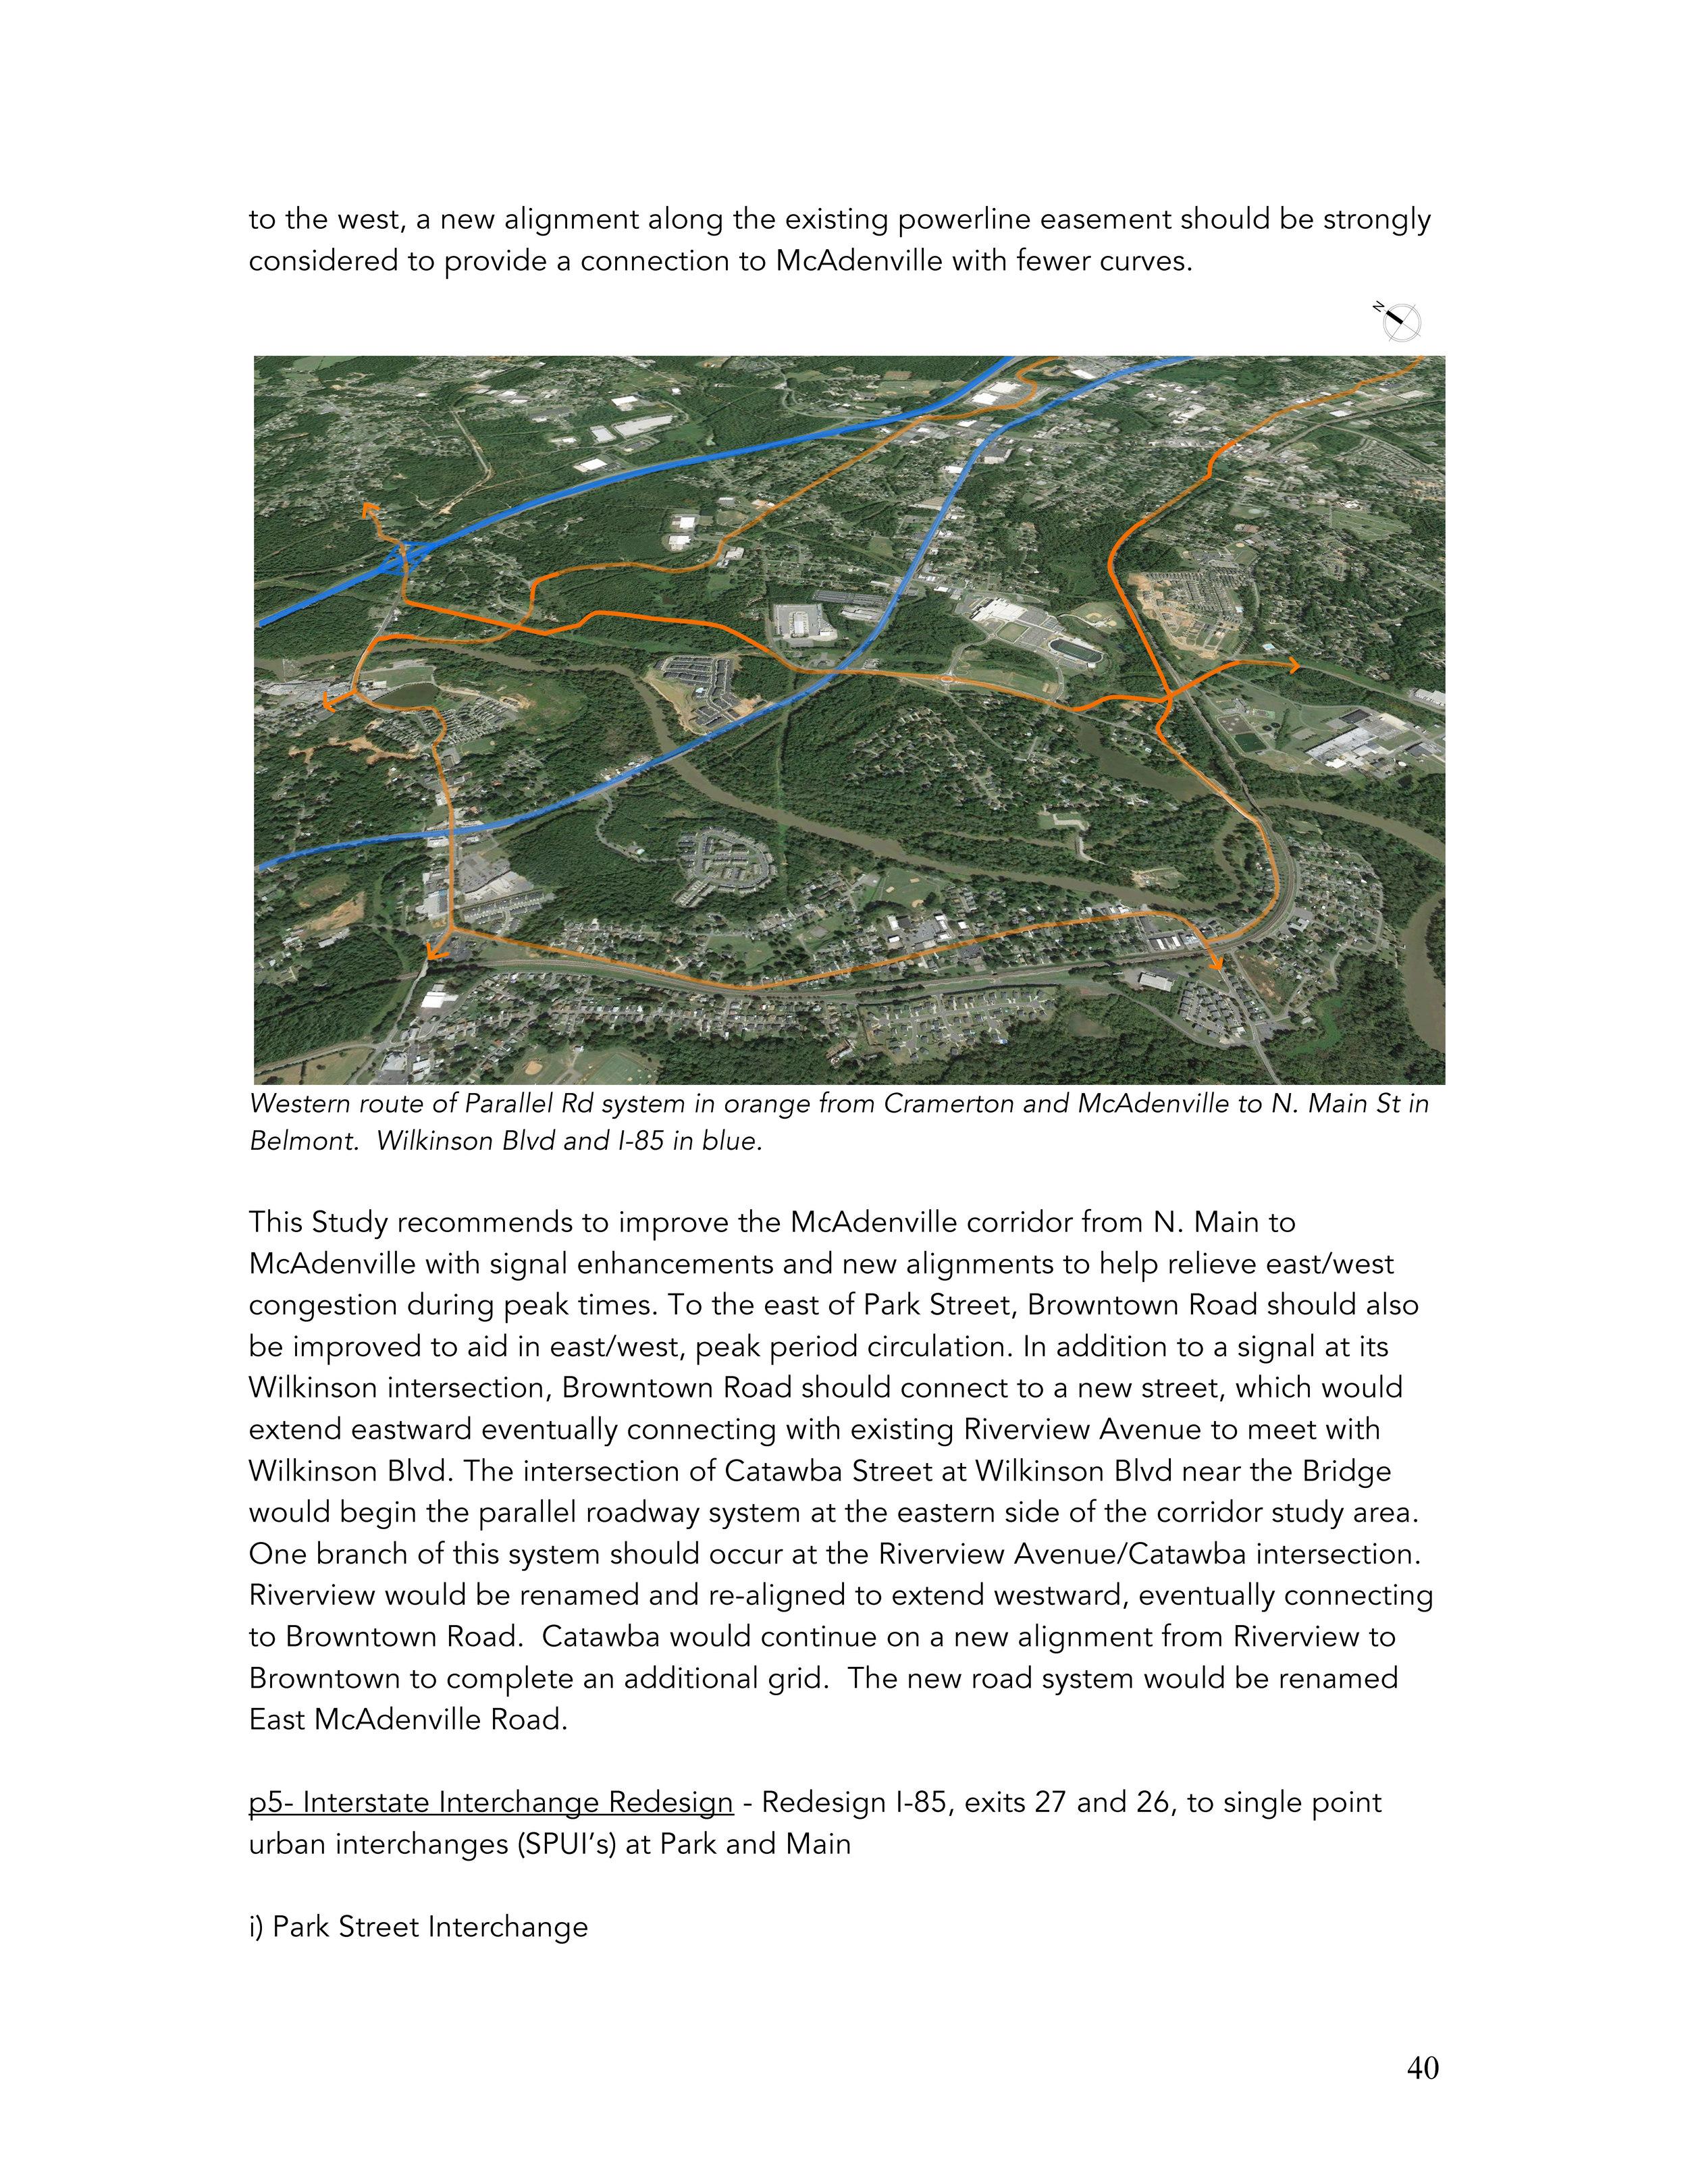 1 WilkinsonBlvd Draft Report 1-22-15 RH_Peter Edit_Page_40.jpg